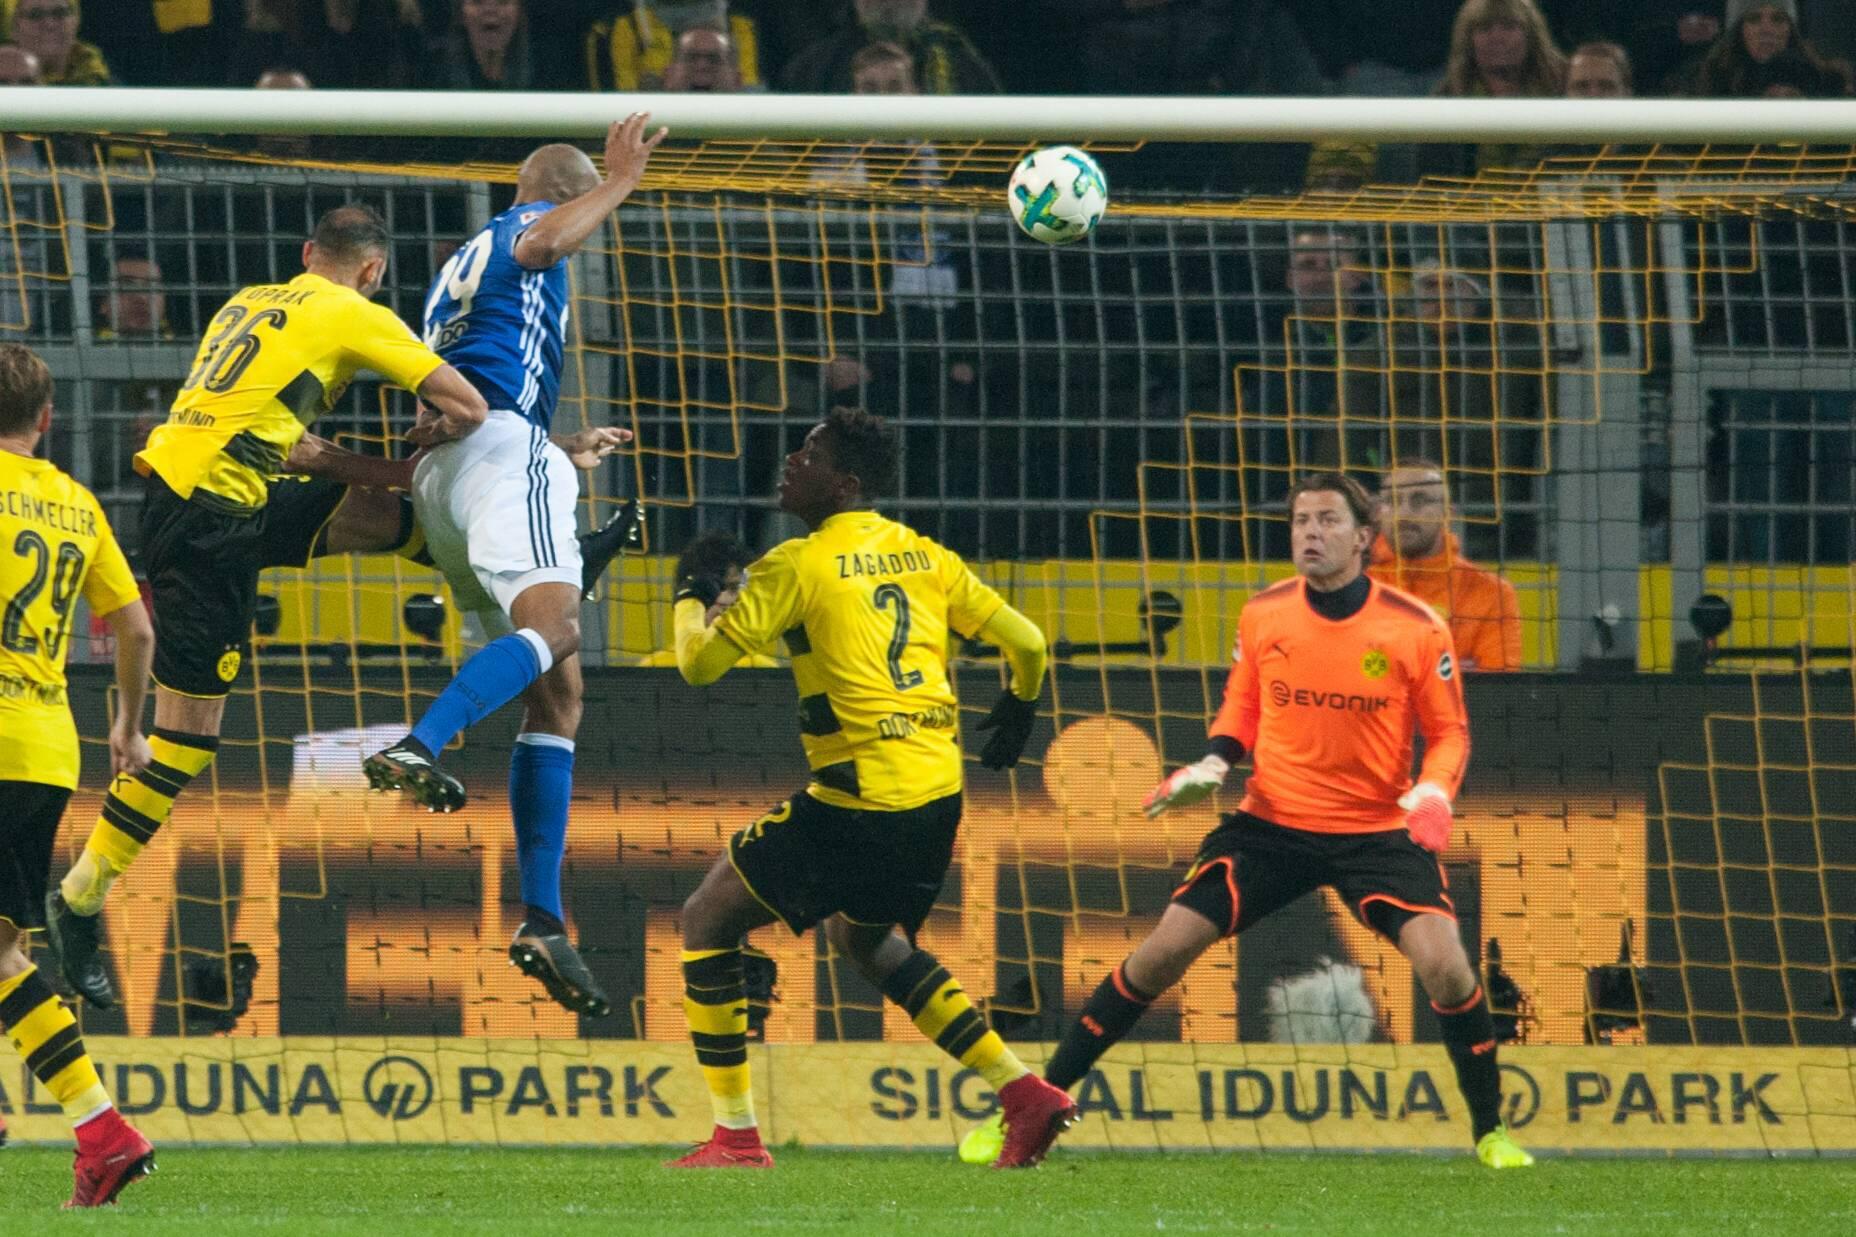 Bild zu Fussball, Bundesliga, Borussia Dortmund, BVB, FC Schalke 04, S04, Derby, Historie, 2017